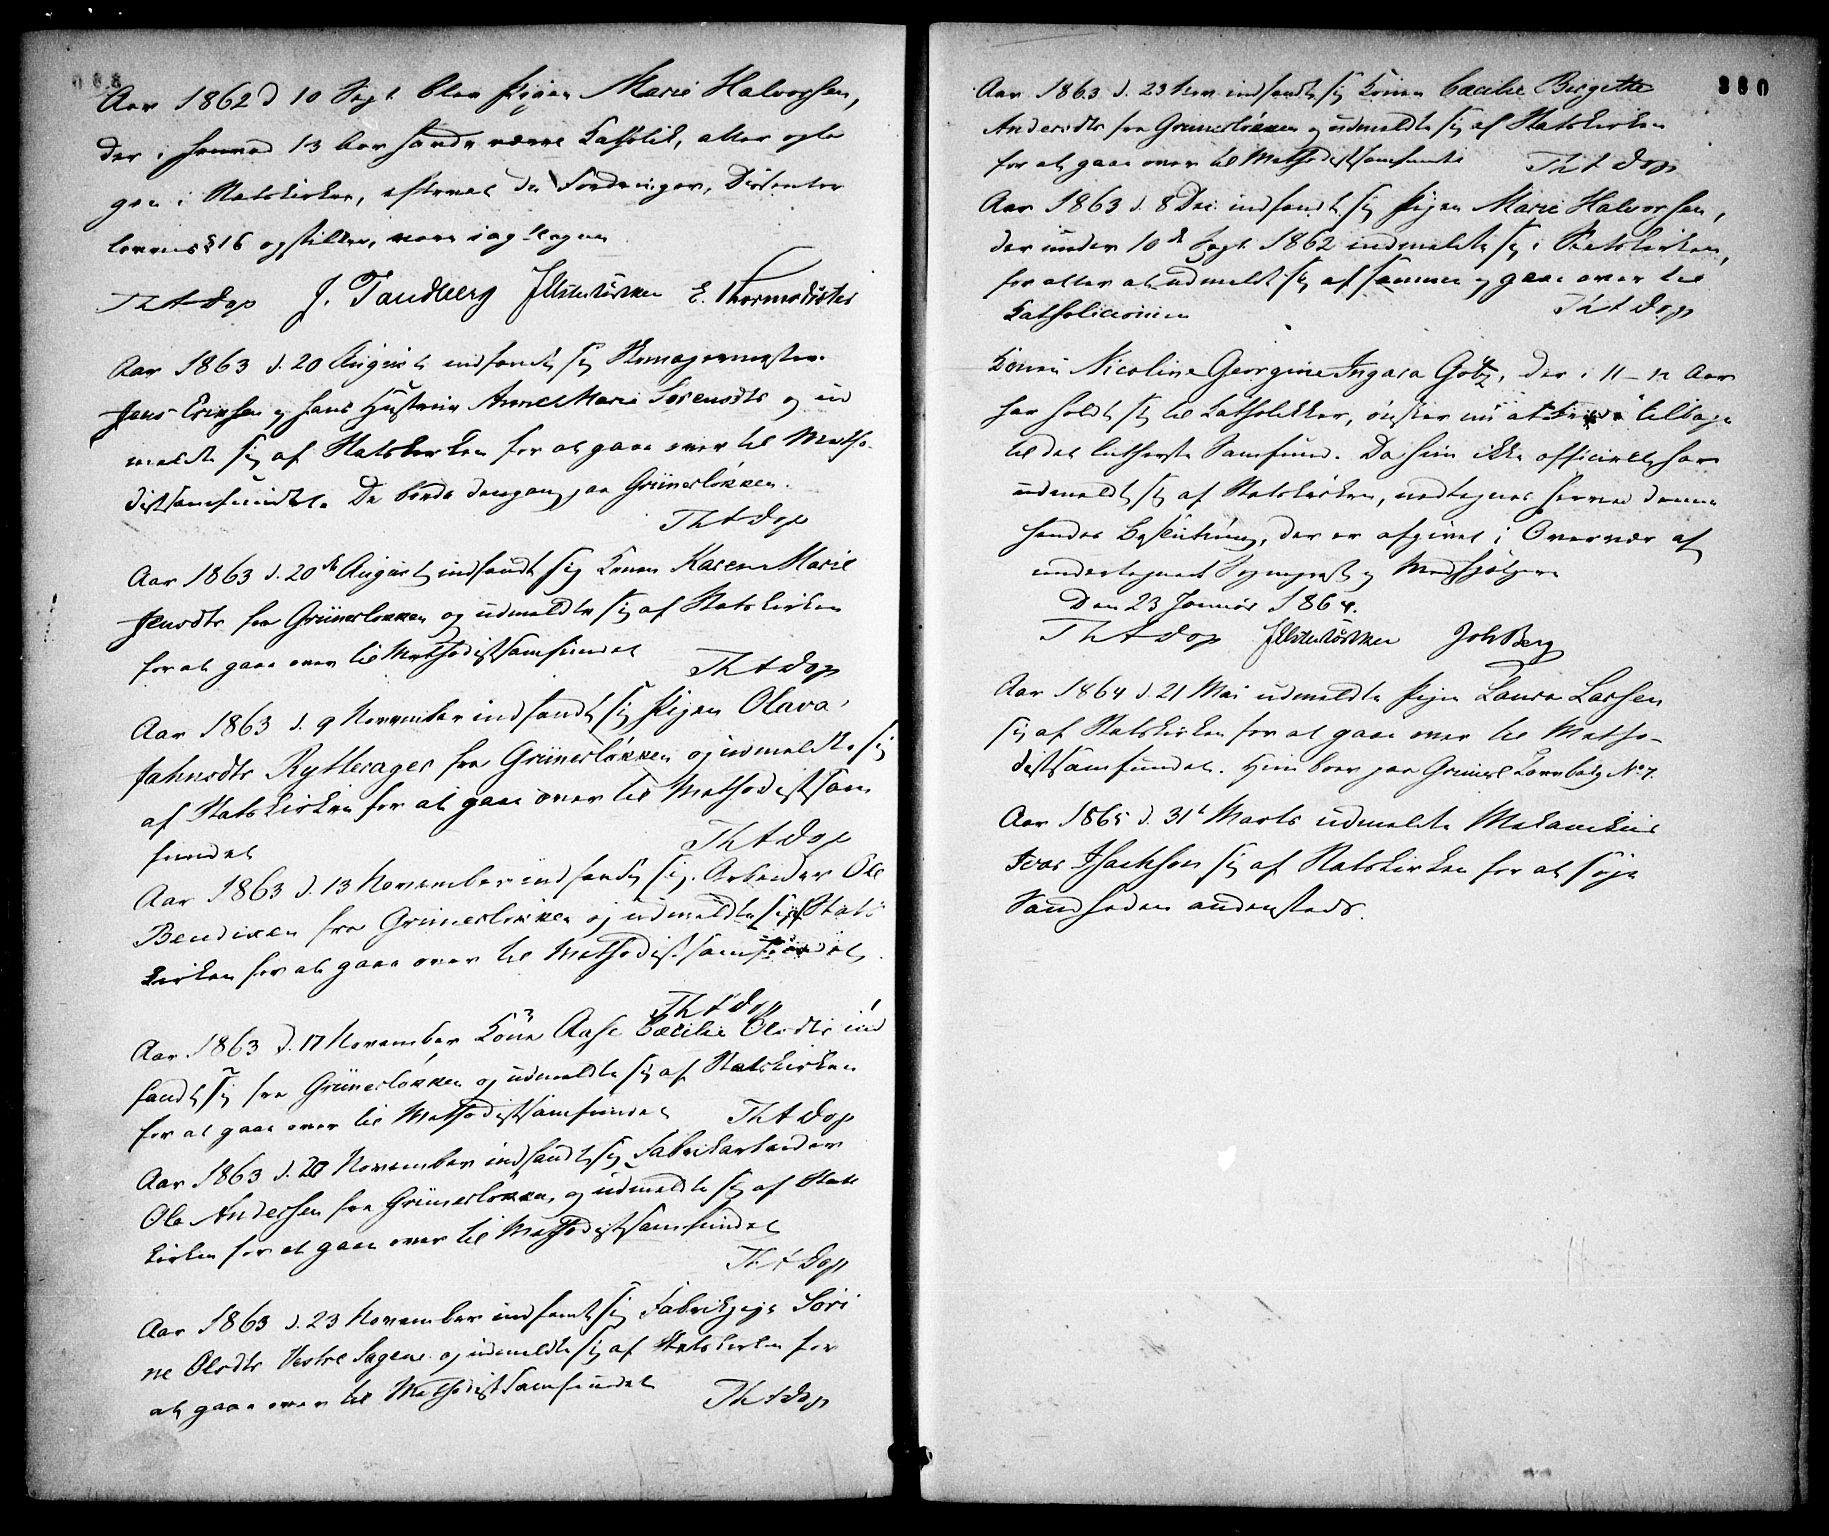 SAO, Gamle Aker prestekontor Kirkebøker, F/L0001: Ministerialbok nr. 1, 1861-1865, s. 380